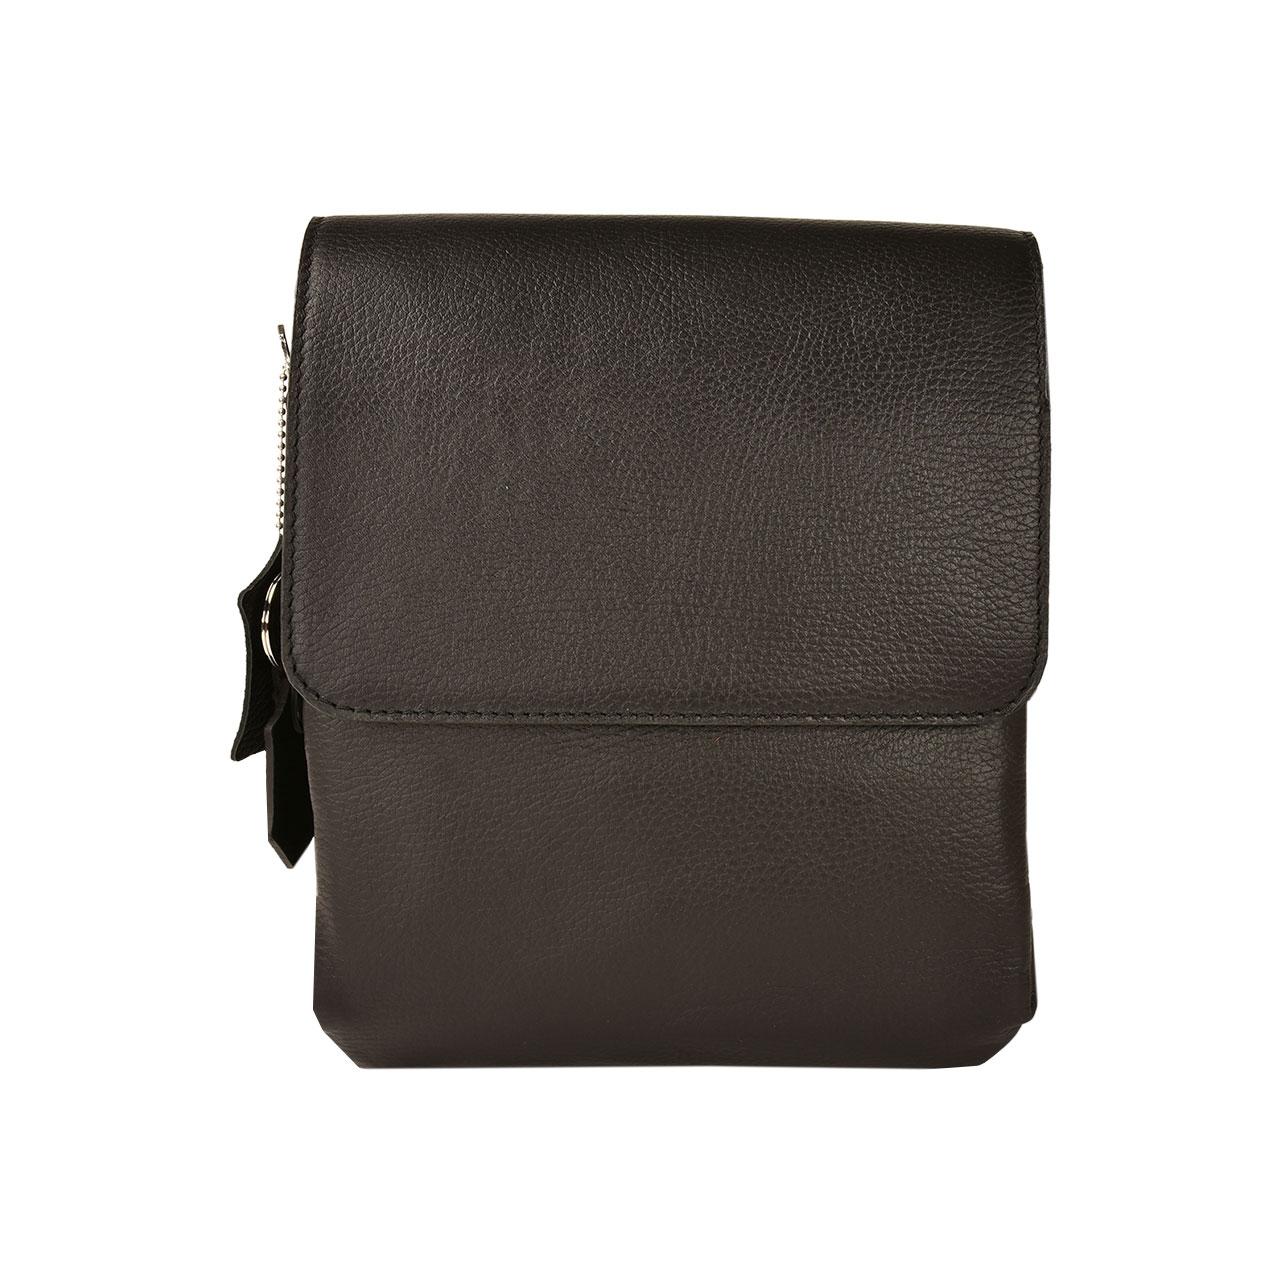 کیف دوشی چرم طبیعی کهن چرم مدل DB101